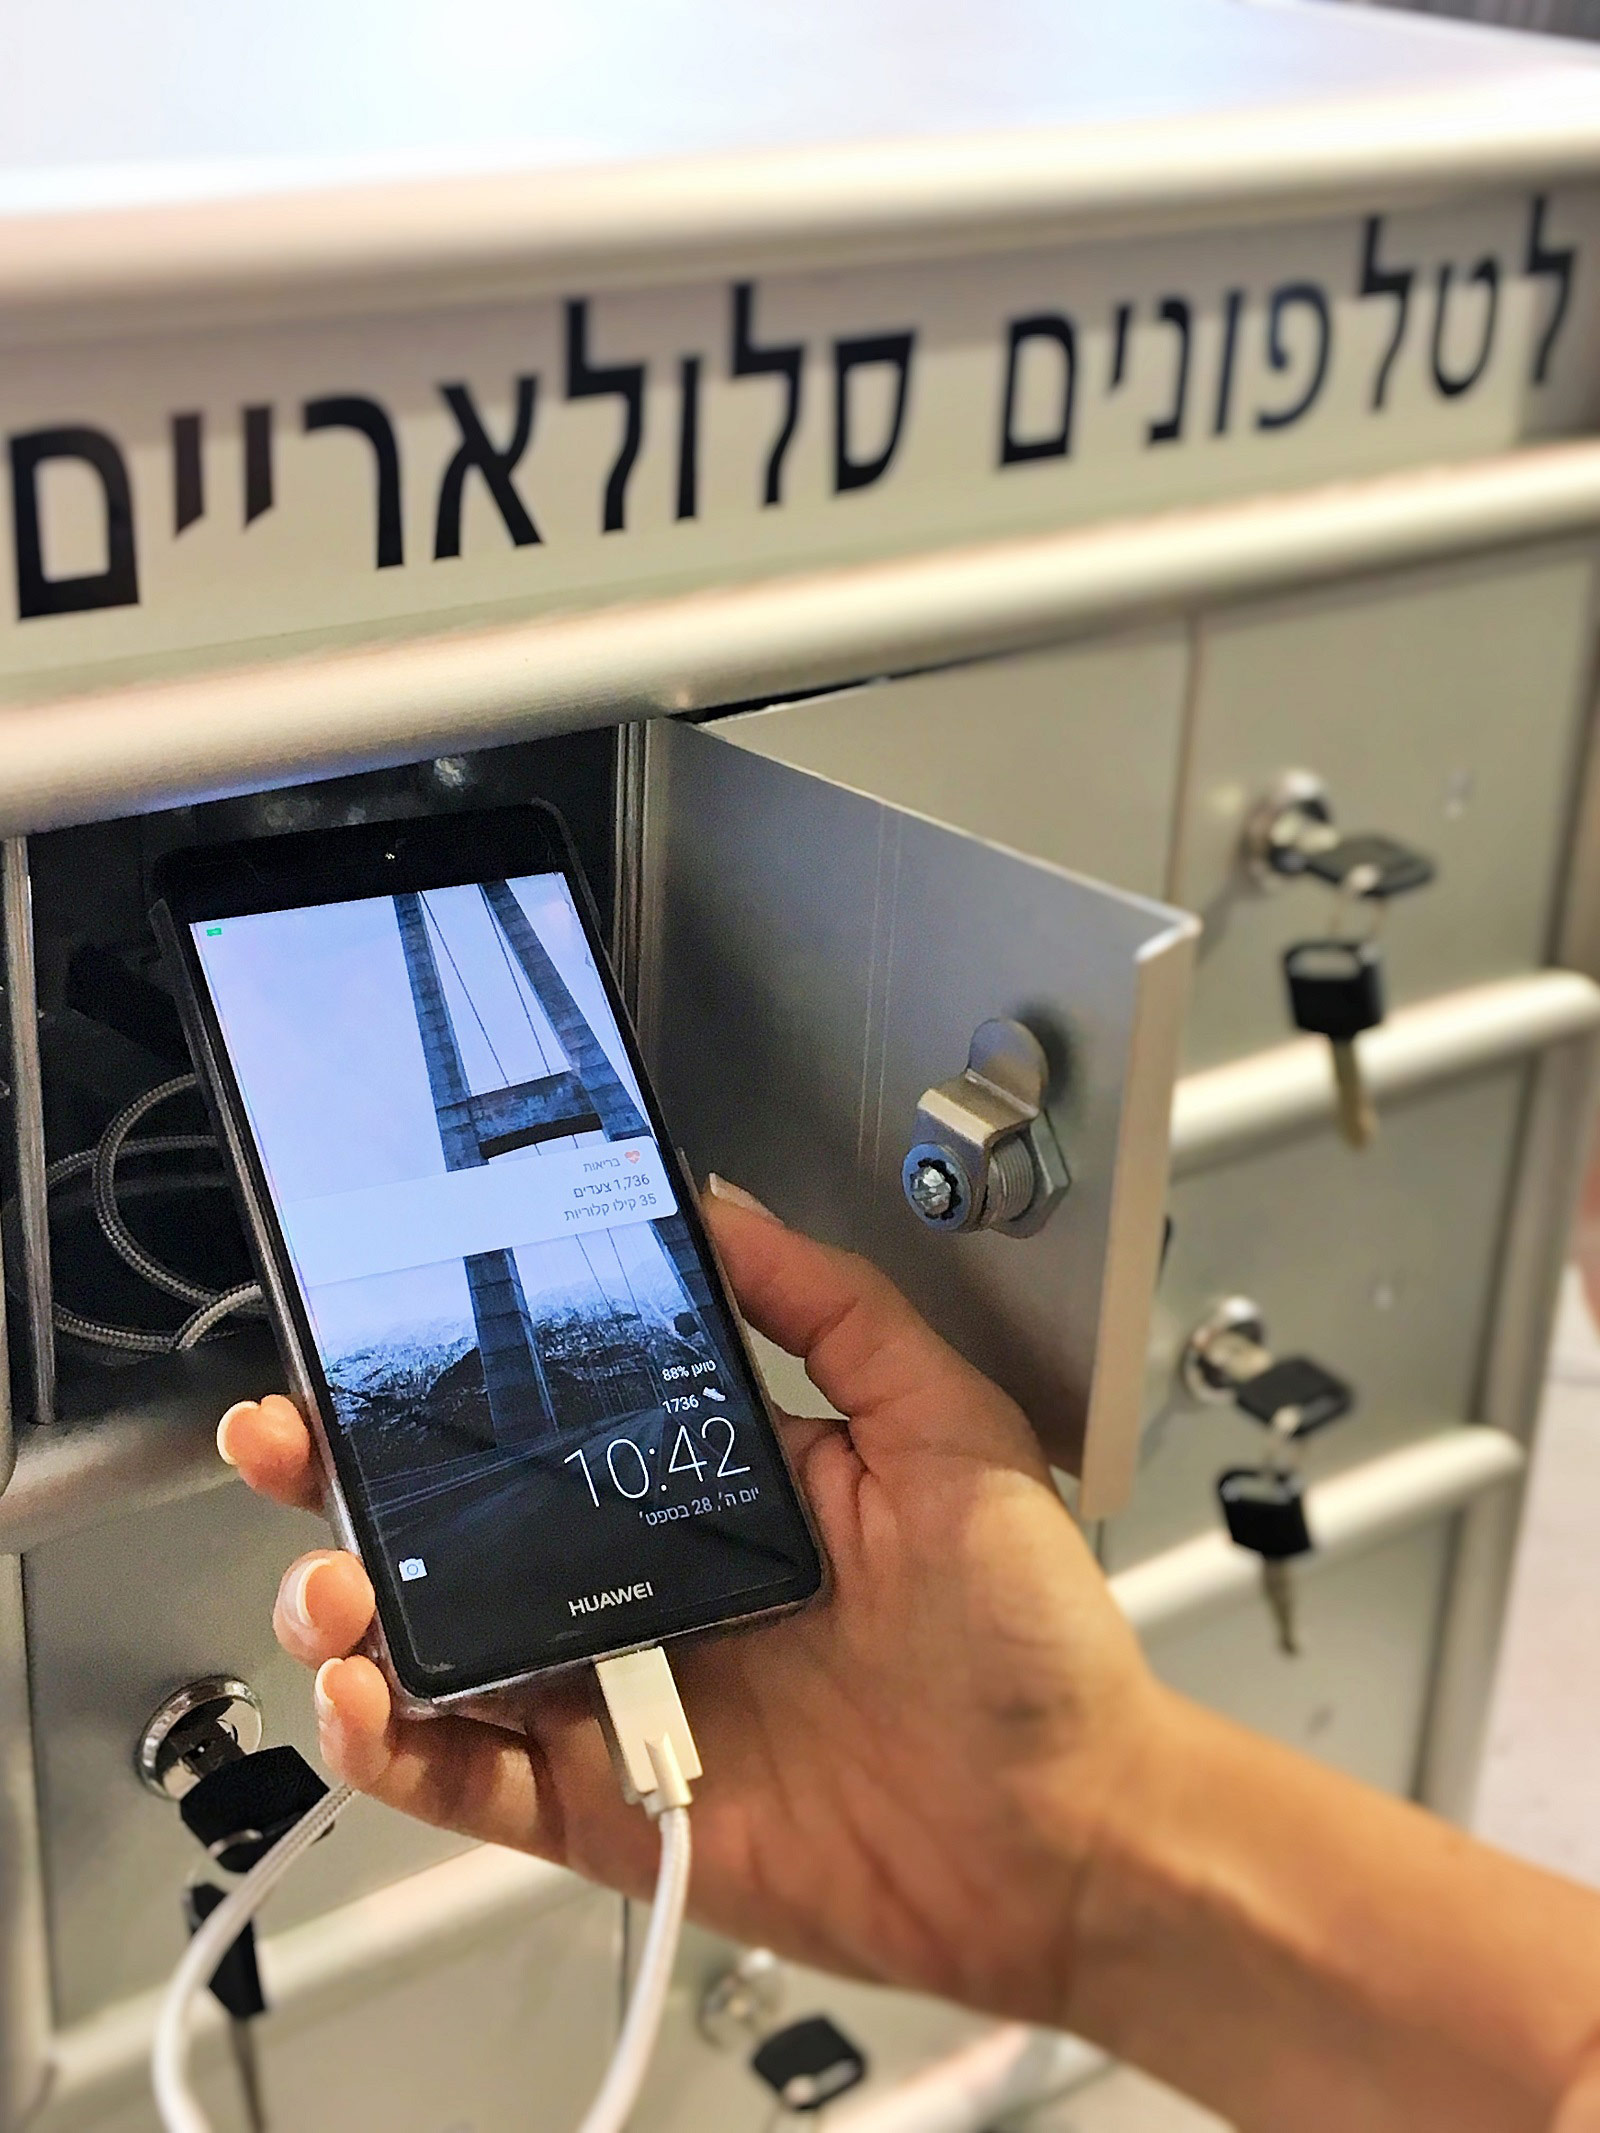 תאי אחסון לטלפונים סלולריים